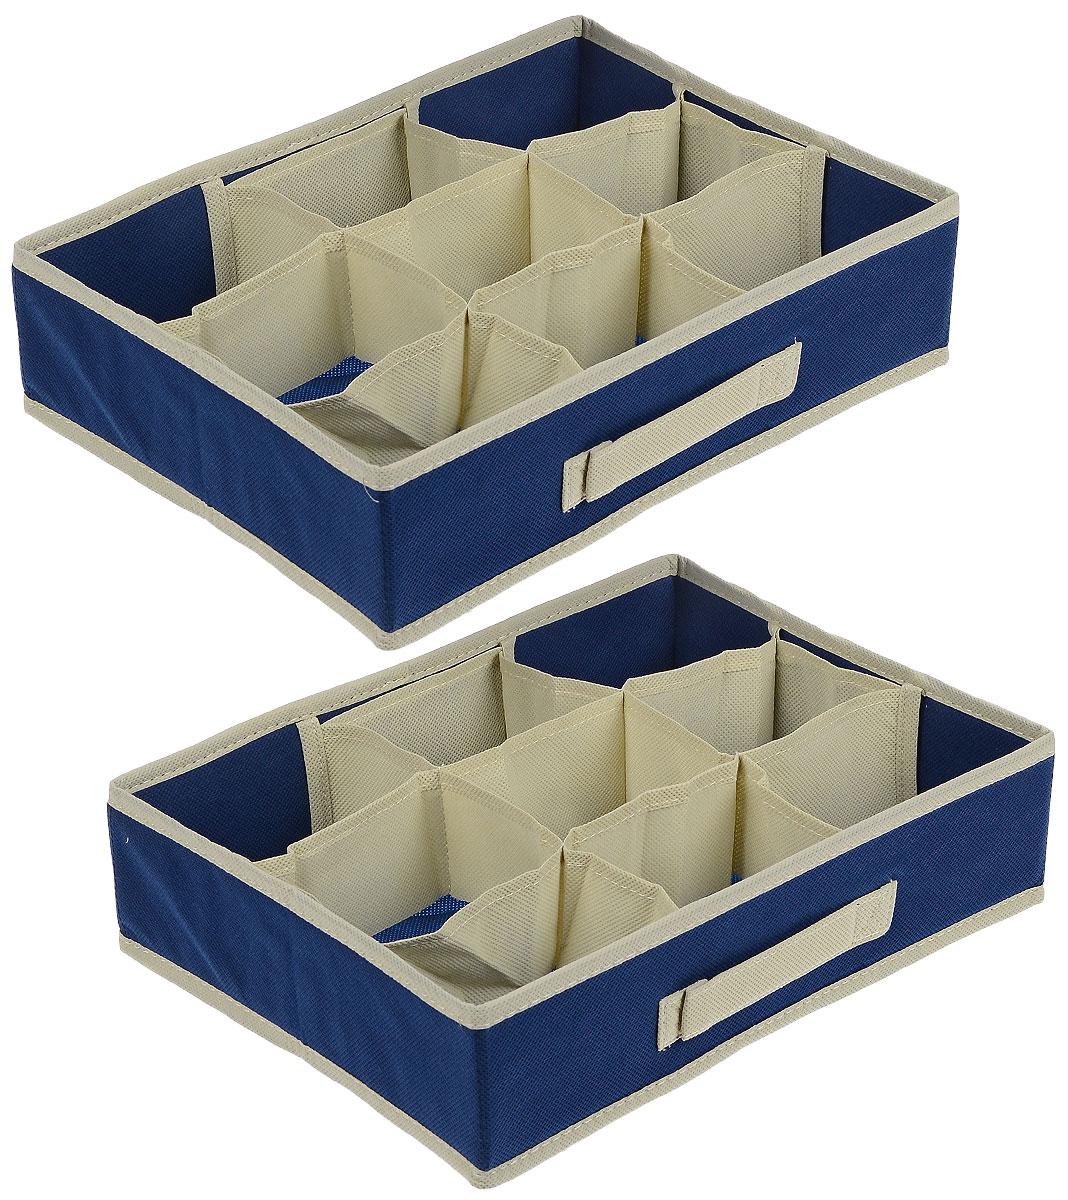 Чехол-коробка для одежды Cosatto Voila, цвет: синий, бежевый, 9 отделений, 2 штCOVLCST001Чехол-коробка Cosatto Voila поможет легко и красиво организовать пространство в кладовой, спальне или гардеробе. Изделие выполнено из дышащего нетканого материала (полипропилен). Практичный и долговечный чехол оснащен 9 отделениями для более экономичного использования пространства шкафов и комодов. Нижнее белье, купальники, ремни и прочие мелкие предметы будут всегда находиться на своем месте. Прочность каркаса обеспечивается наличием плотных листов картона. Складная конструкция обеспечивает компактное хранение. Размер отделения: 13 х 9 х 9 см. Размер чехла-коробки: 35 х 27 х 9 см.